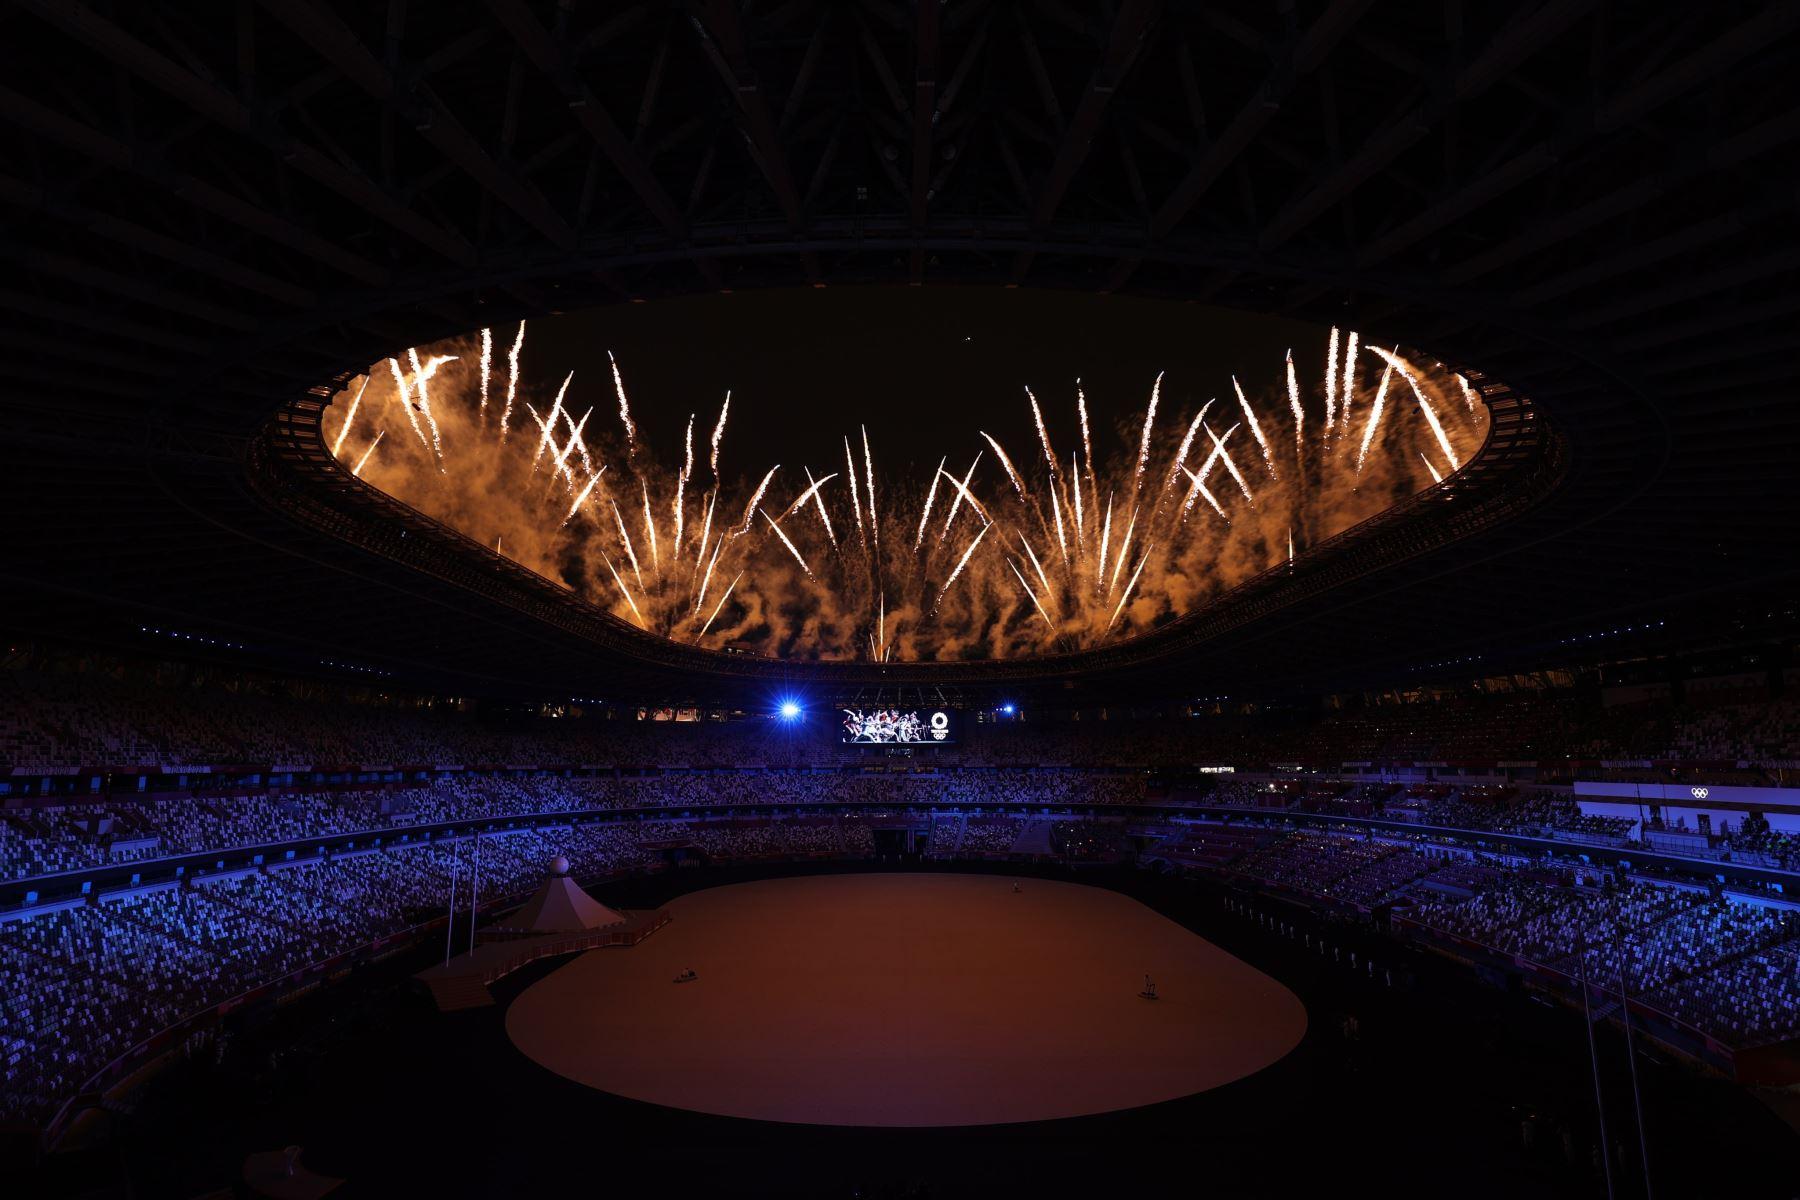 La ceremonia de inauguración de los Juegos Olímpicos ya se inició